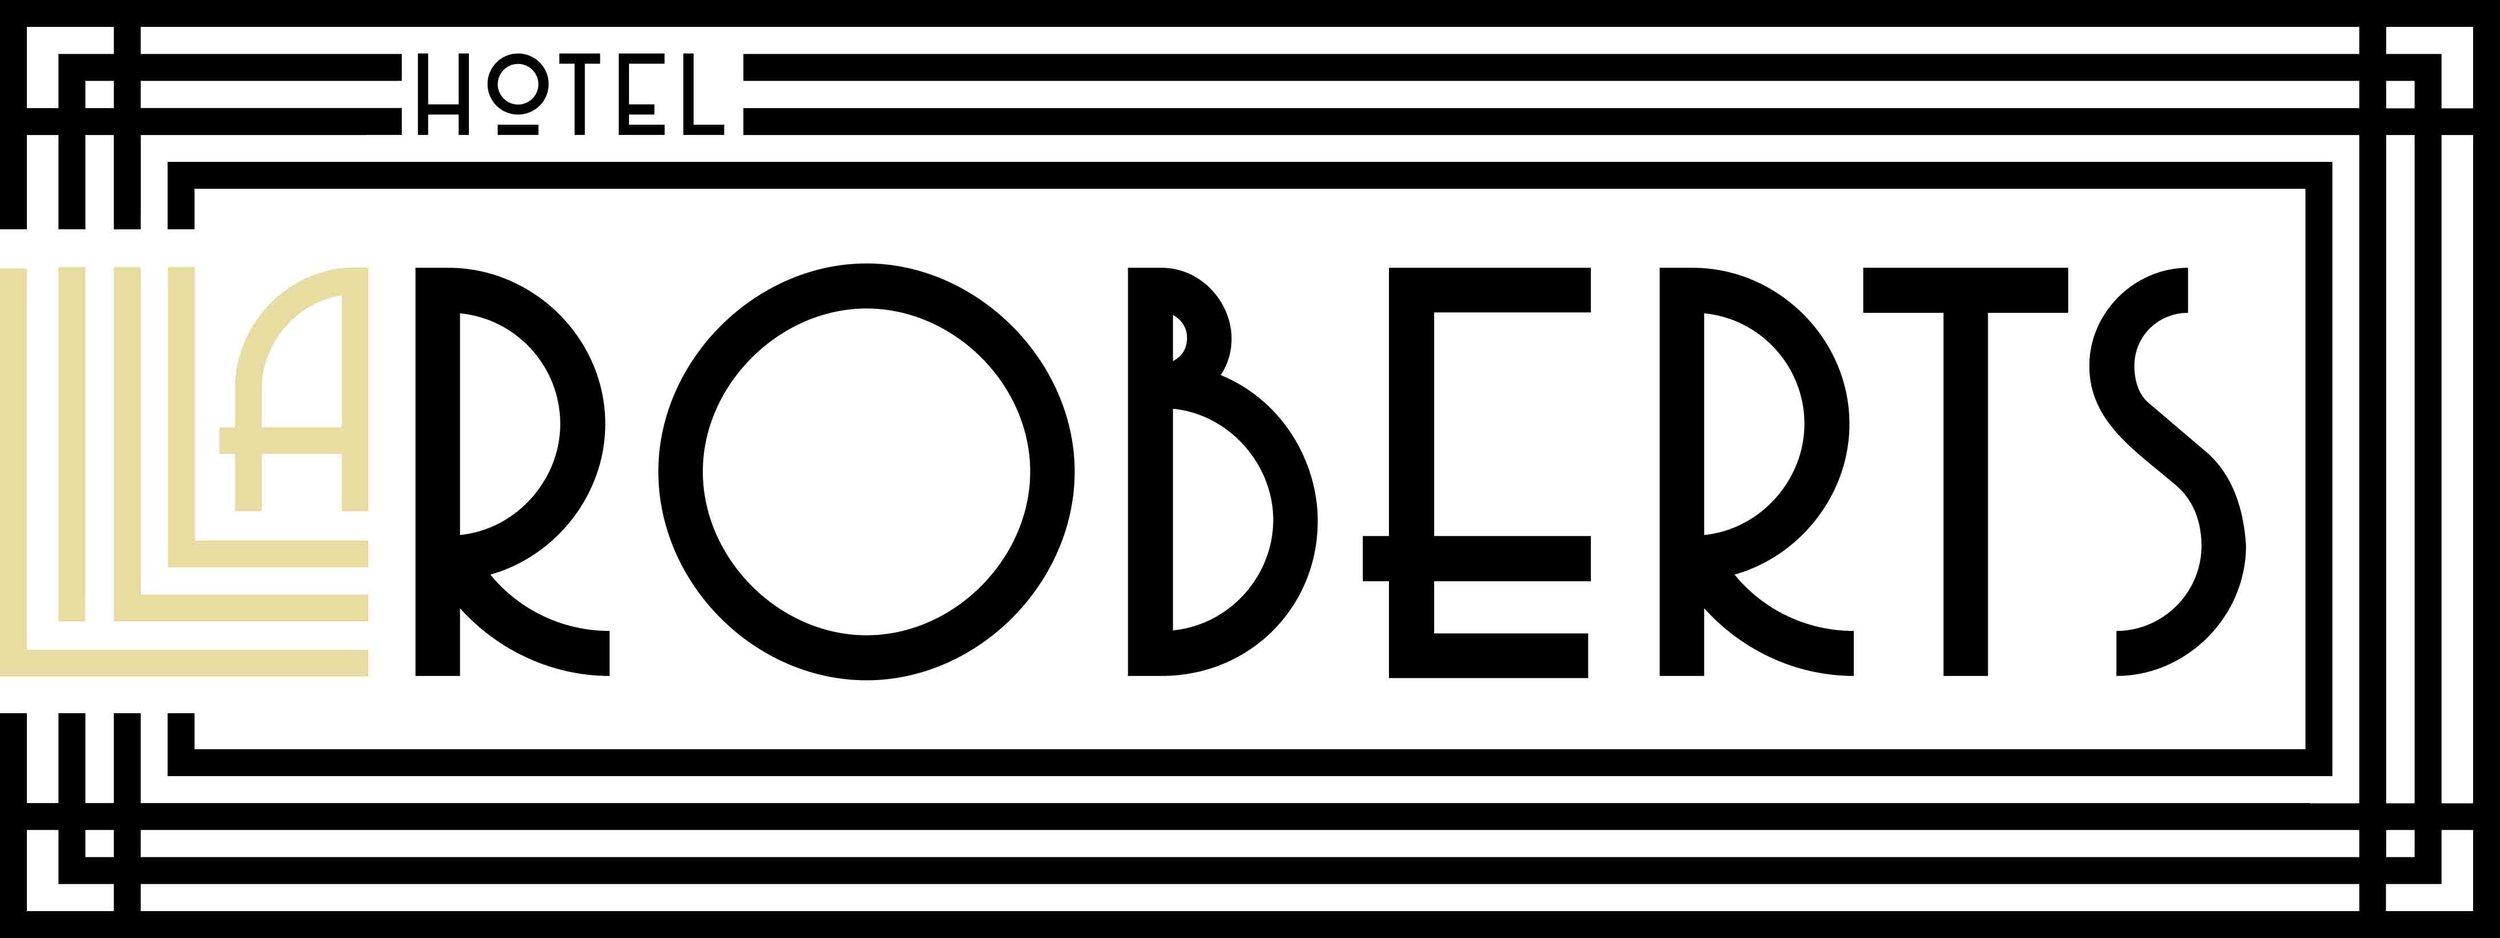 HOTEL LILLA ROBERTS - Pieni Roobertinkatu 1–3Toisinaan elämässä kohtaa mukavia yllätyksiä odottamattomissa paikoissa. Helsingin Hotel Lilla Roberts on yksi niistä. Tyylikkään viihtyisä hotelli yhdistää nykyaikaiset mukavuudet ja trendikkään lifestylen 1930-luvun omintakeiseen art deco -sisustukseen, jota korostavat valikoidut vintage-yksityiskohdat. Hotel Lilla Roberts sijaitsee trendikkäiden design-kortteleiden keskellä Helsingin historiallisessa Kaartinkaupungissa, vain kivenheiton päässä keskustan vilkkailta kaduilta. Hotellissa sinua palvelevat myös Bar Lilla e, ravintola Krog Roba kesäterasseineen sekä kokoustilat.www.lillaroberts.com